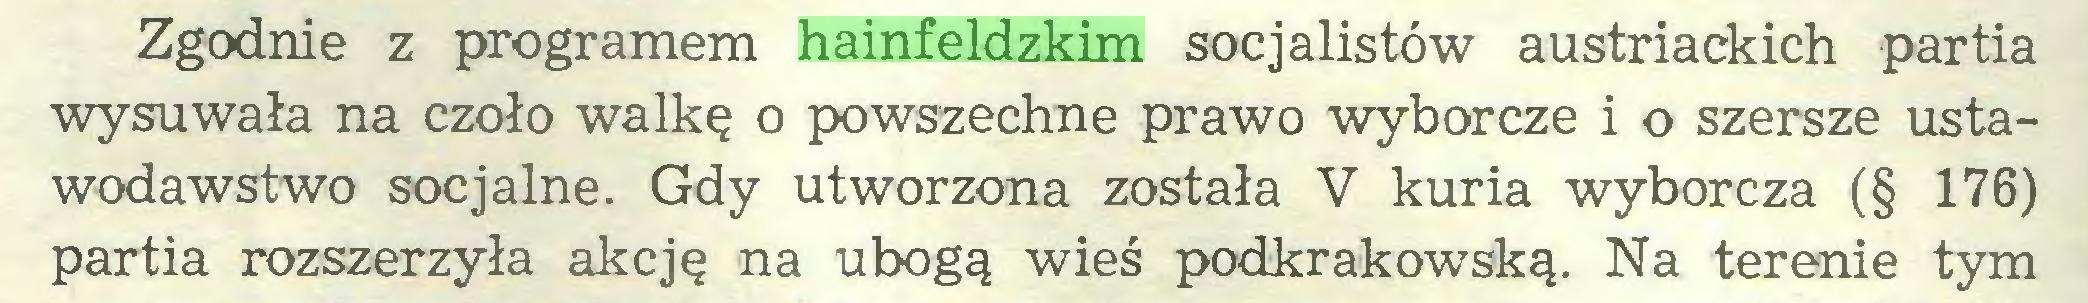 (...) Zgodnie z programem hainfeldzkim socjalistów austriackich partia wysuwała na czoło walkę o powszechne prawo wyborcze i o szersze ustawodawstwo socjalne. Gdy utworzona została V kuria wyborcza (§ 176) partia rozszerzyła akcję na ubogą wieś podkrakowską. Na terenie tym...